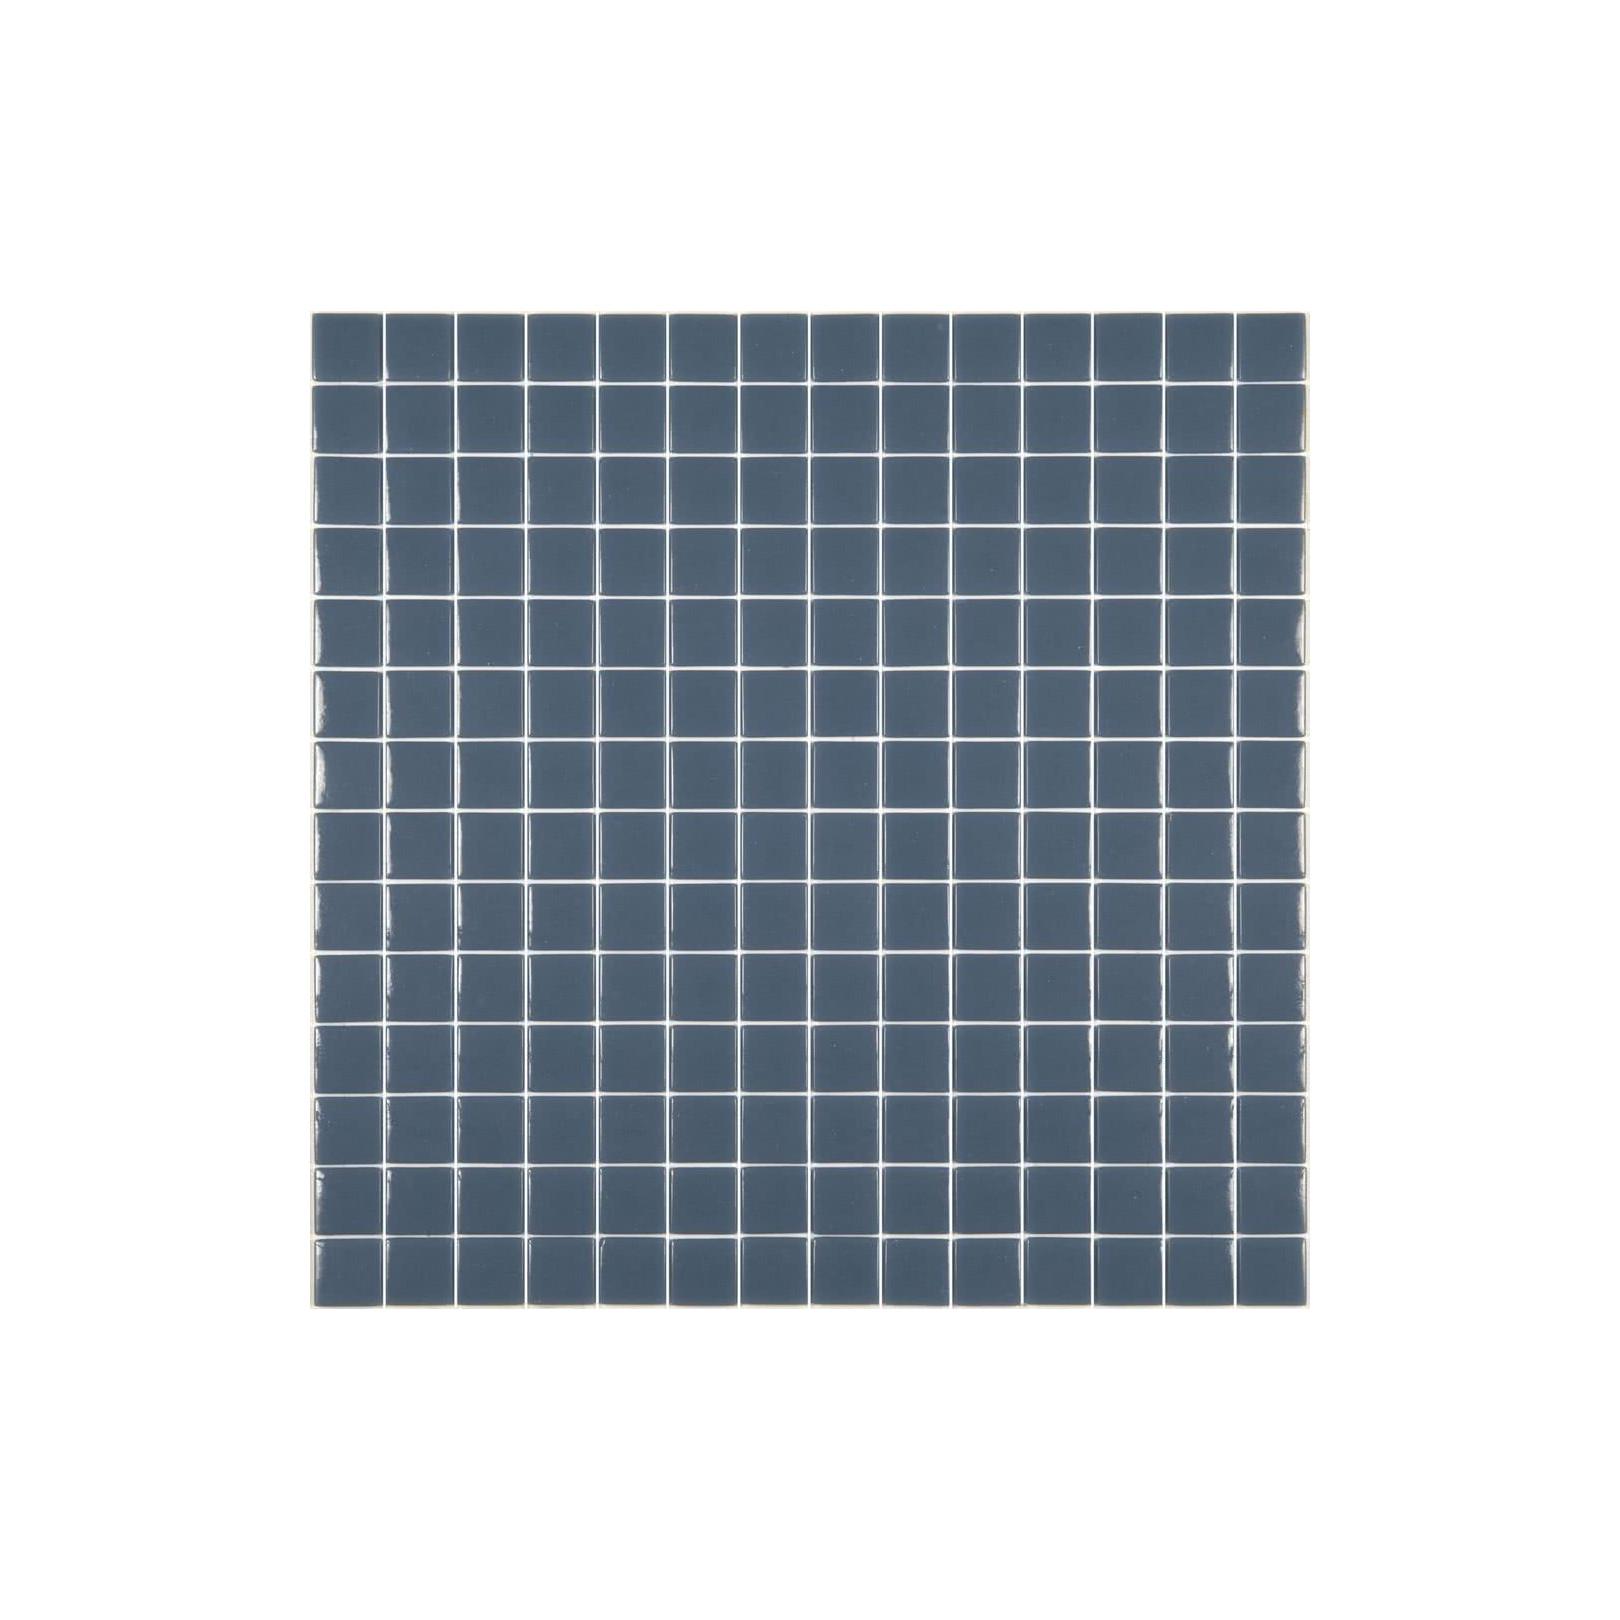 Mosaïque Unicolor 2,5x2,5cm bleu militaire 318 mat ou brillant ou antidérapant sur trame nylon 33,3x33,3cm